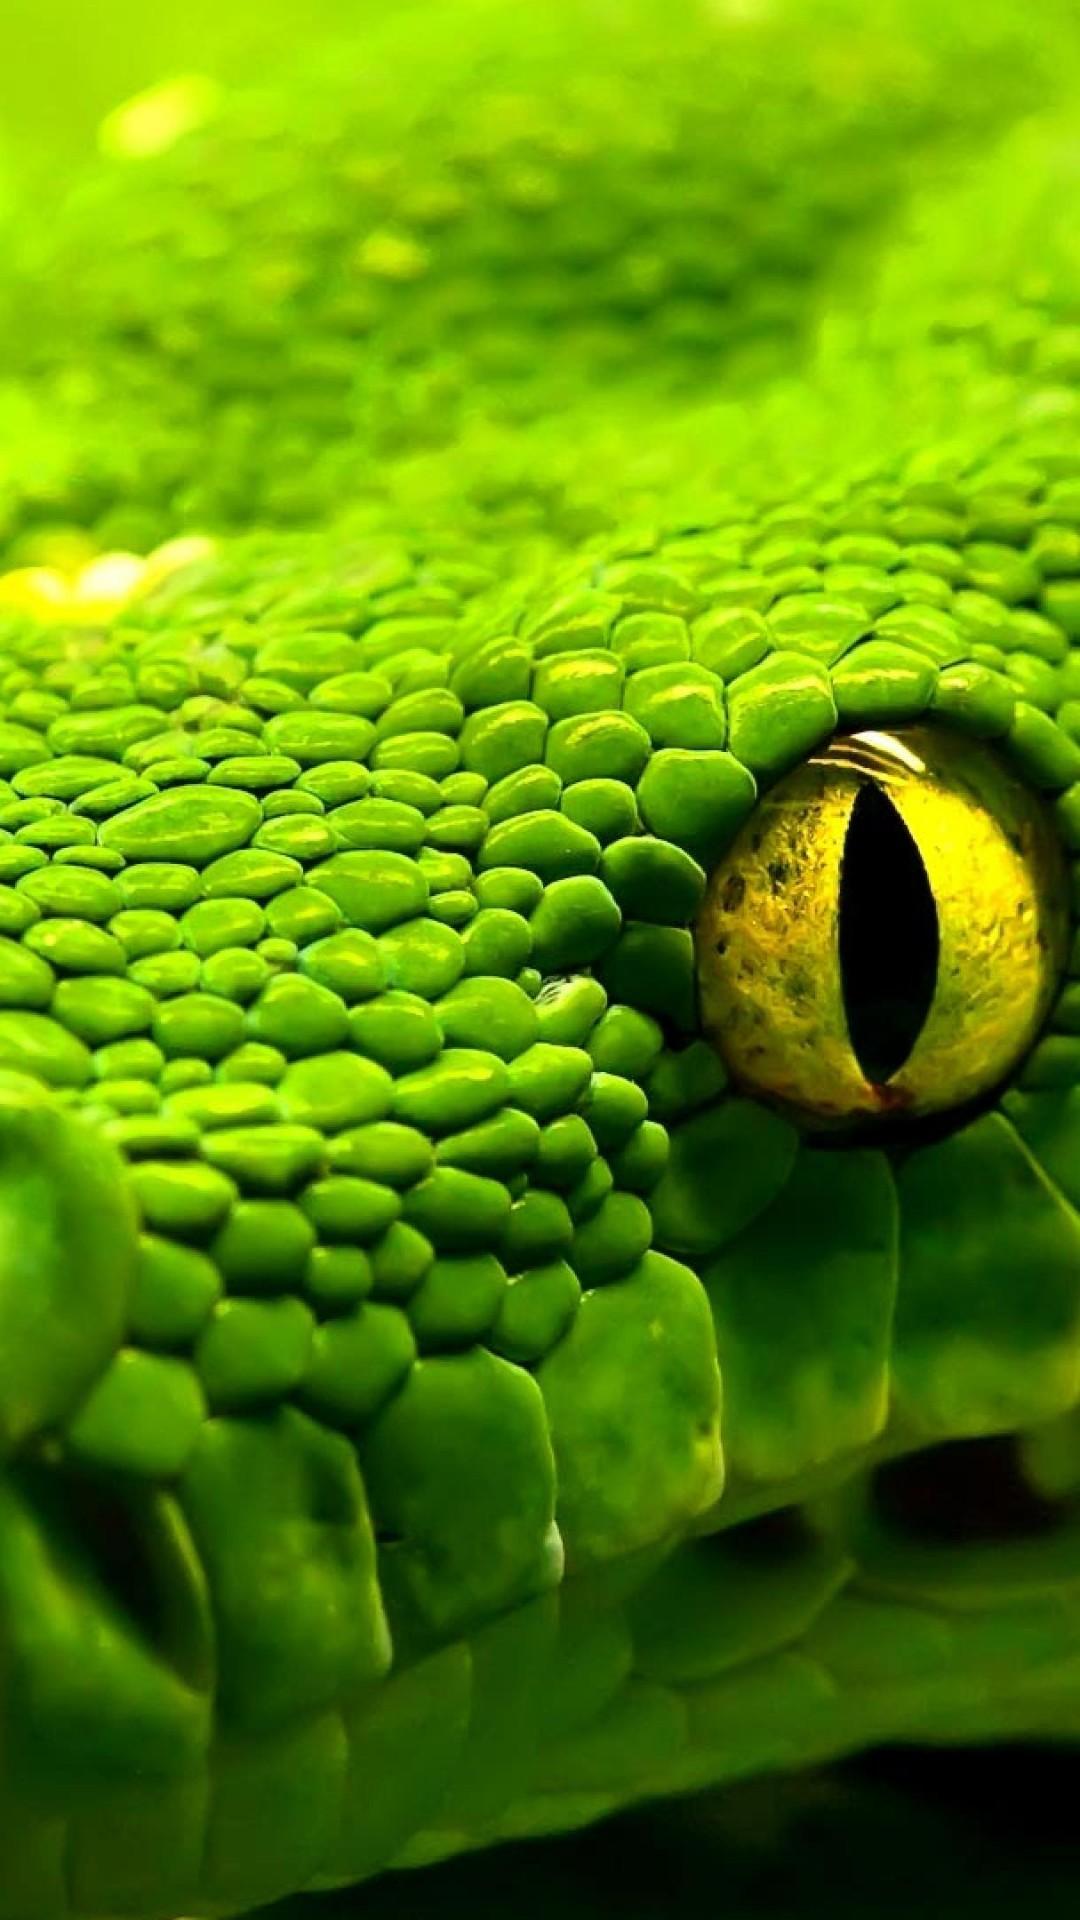 Wallpaper Snake Green Reptile Eyes Animals 713